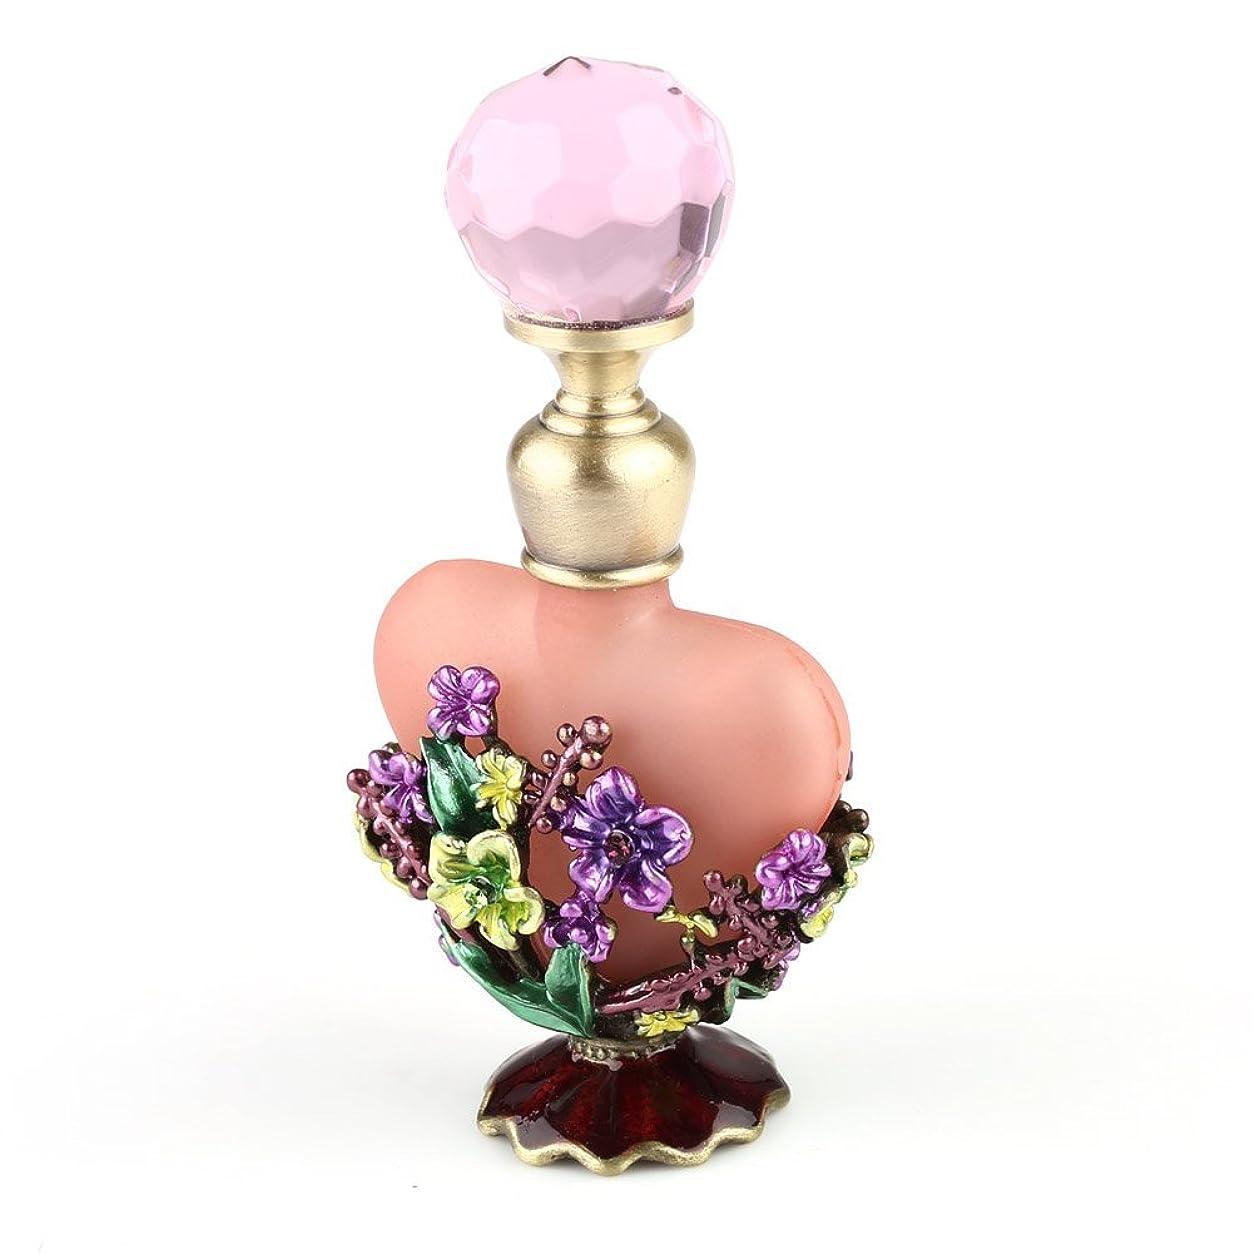 余韻アクチュエータ半球VERY100 高品質 美しい香水瓶/アロマボトル 5ML ピンク アロマオイル用瓶 綺麗アンティーク調フラワーデザイン プレゼント 結婚式 飾り